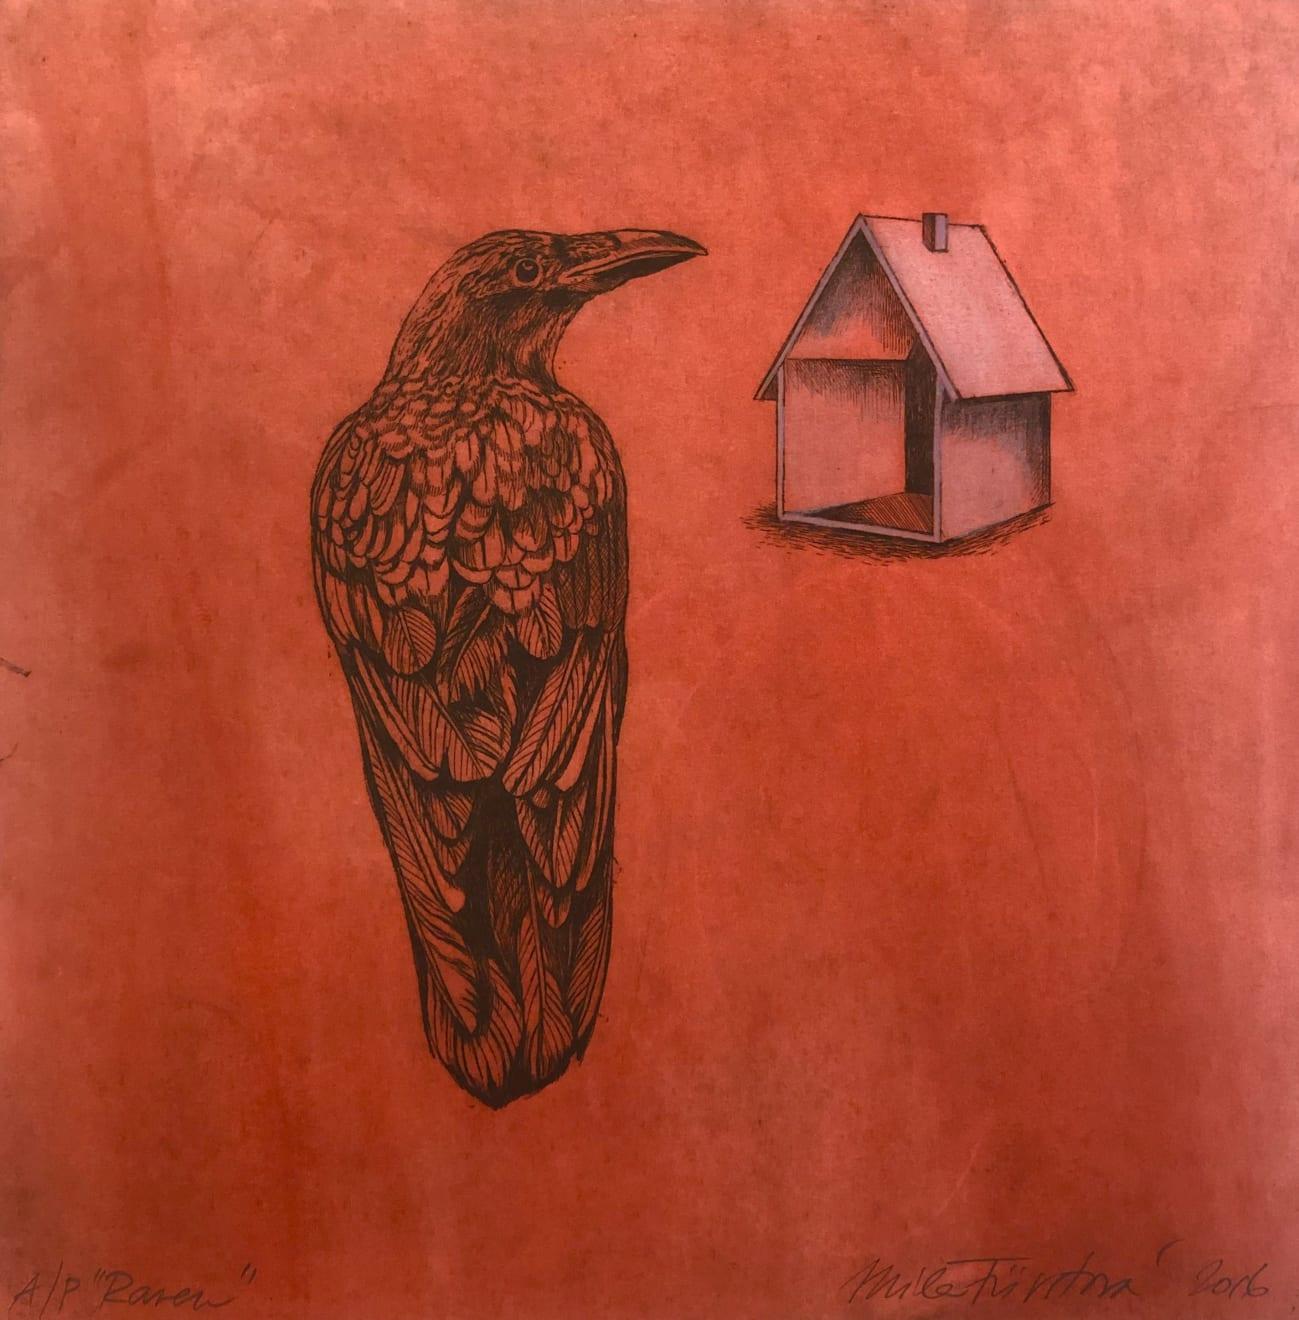 Summer Auction 2020, LOT 63 - Míla Fürstová - 'Raven', 2016